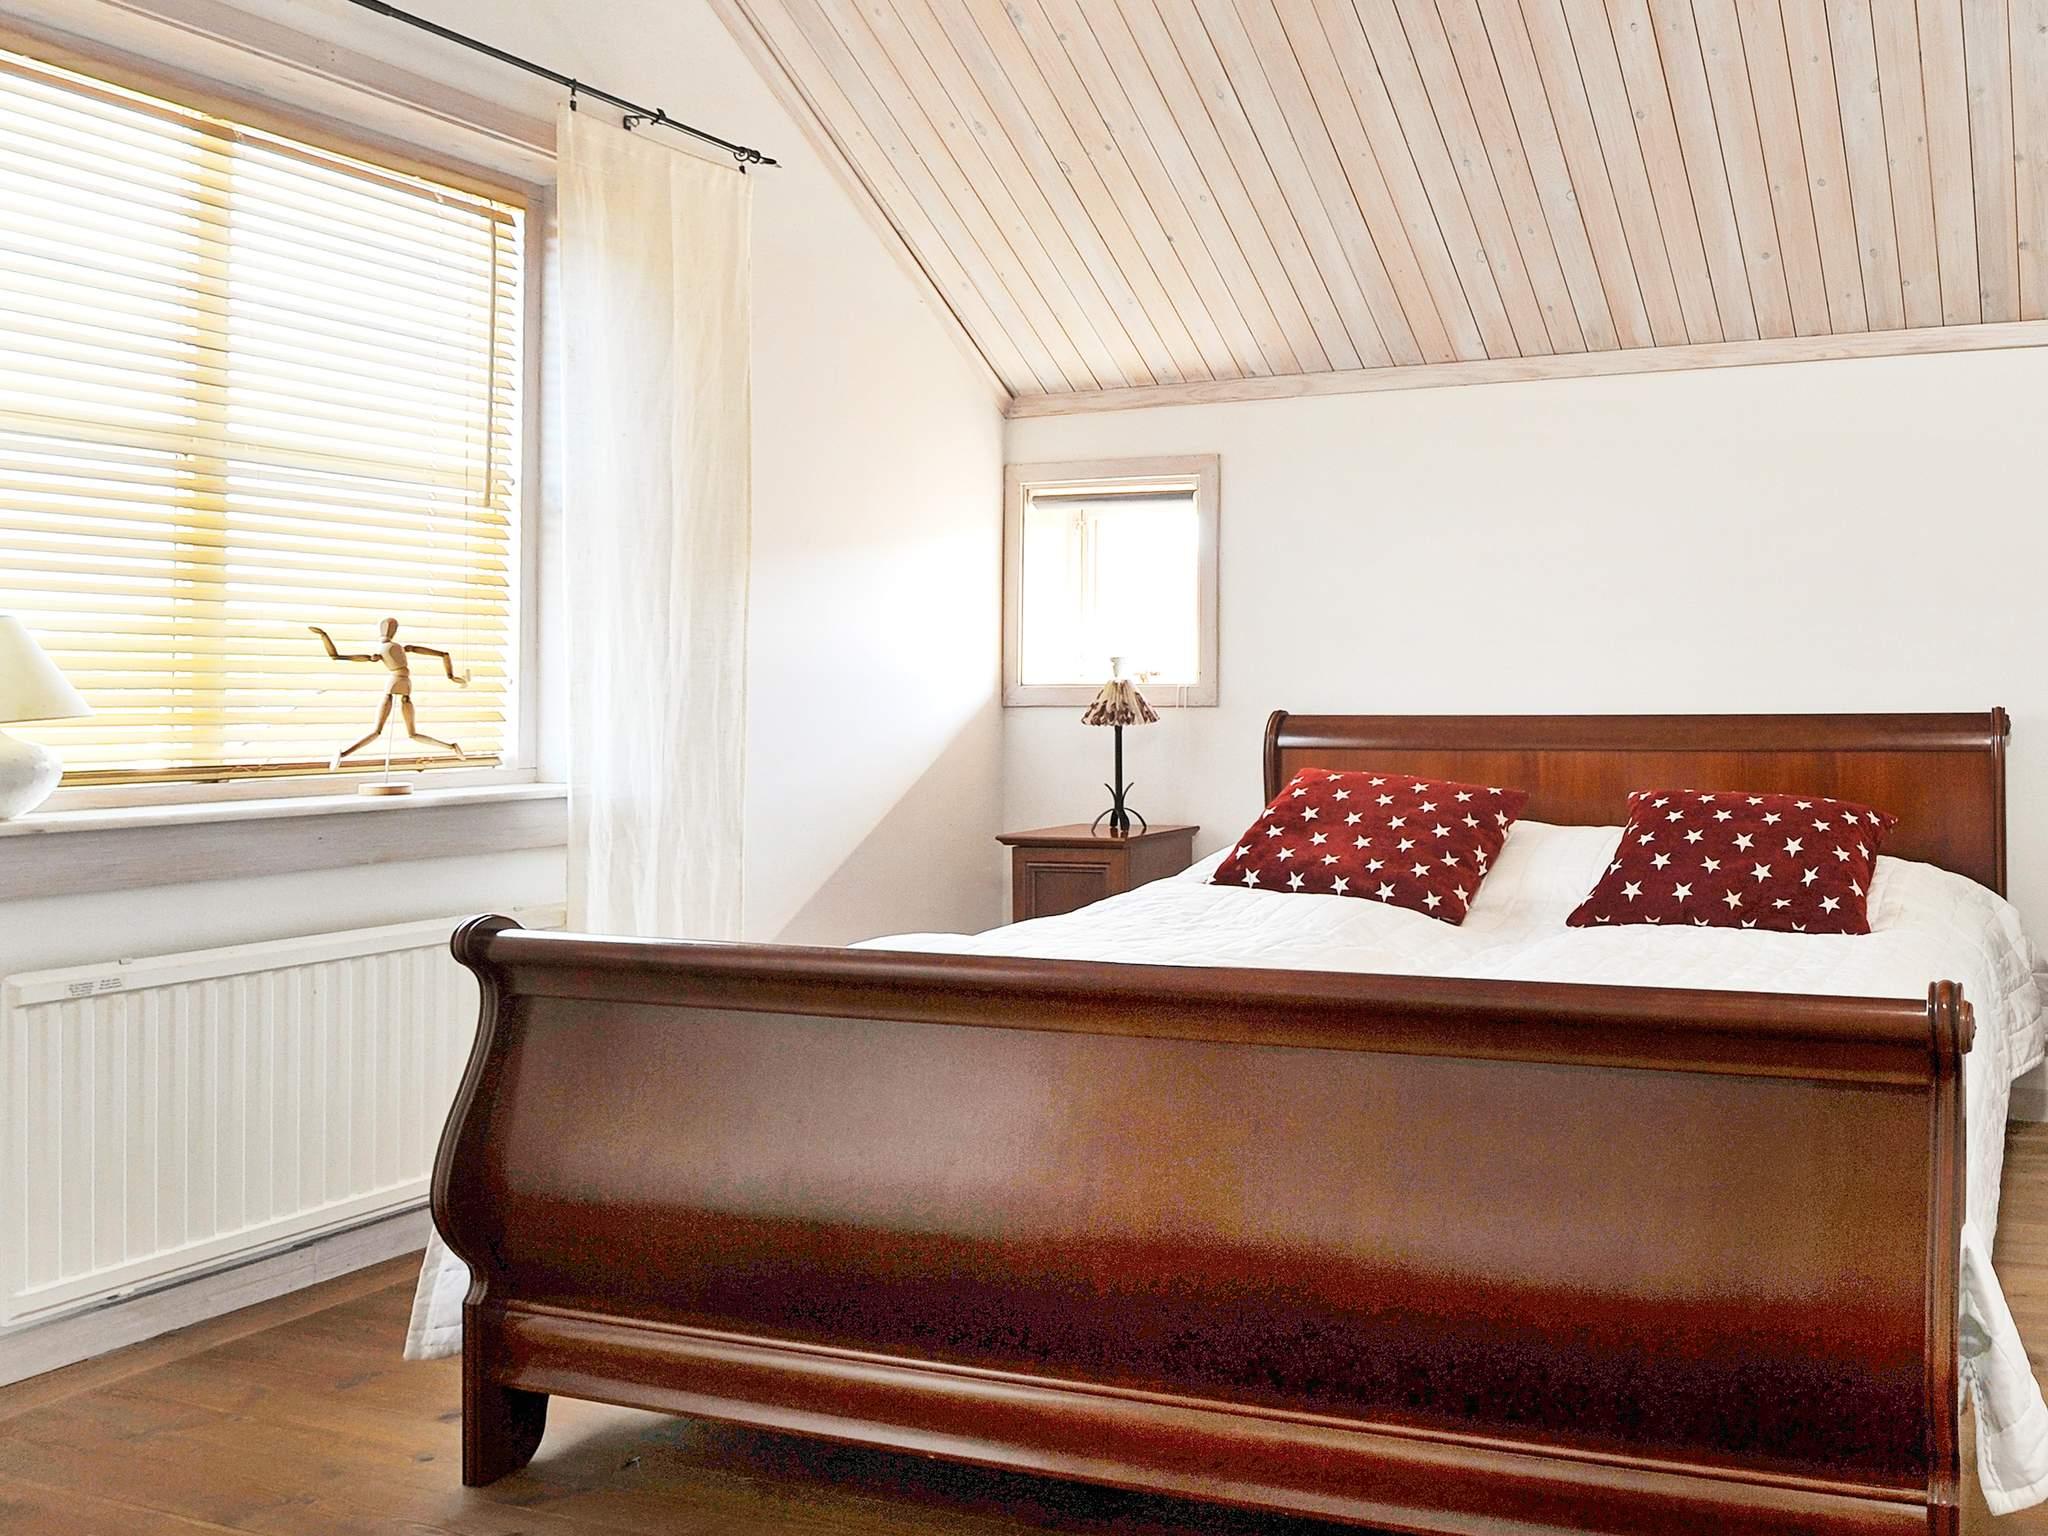 Ferienhaus Tjörn/Skärhamn (454665), Skärhamn, Tjörn, Westschweden, Schweden, Bild 13